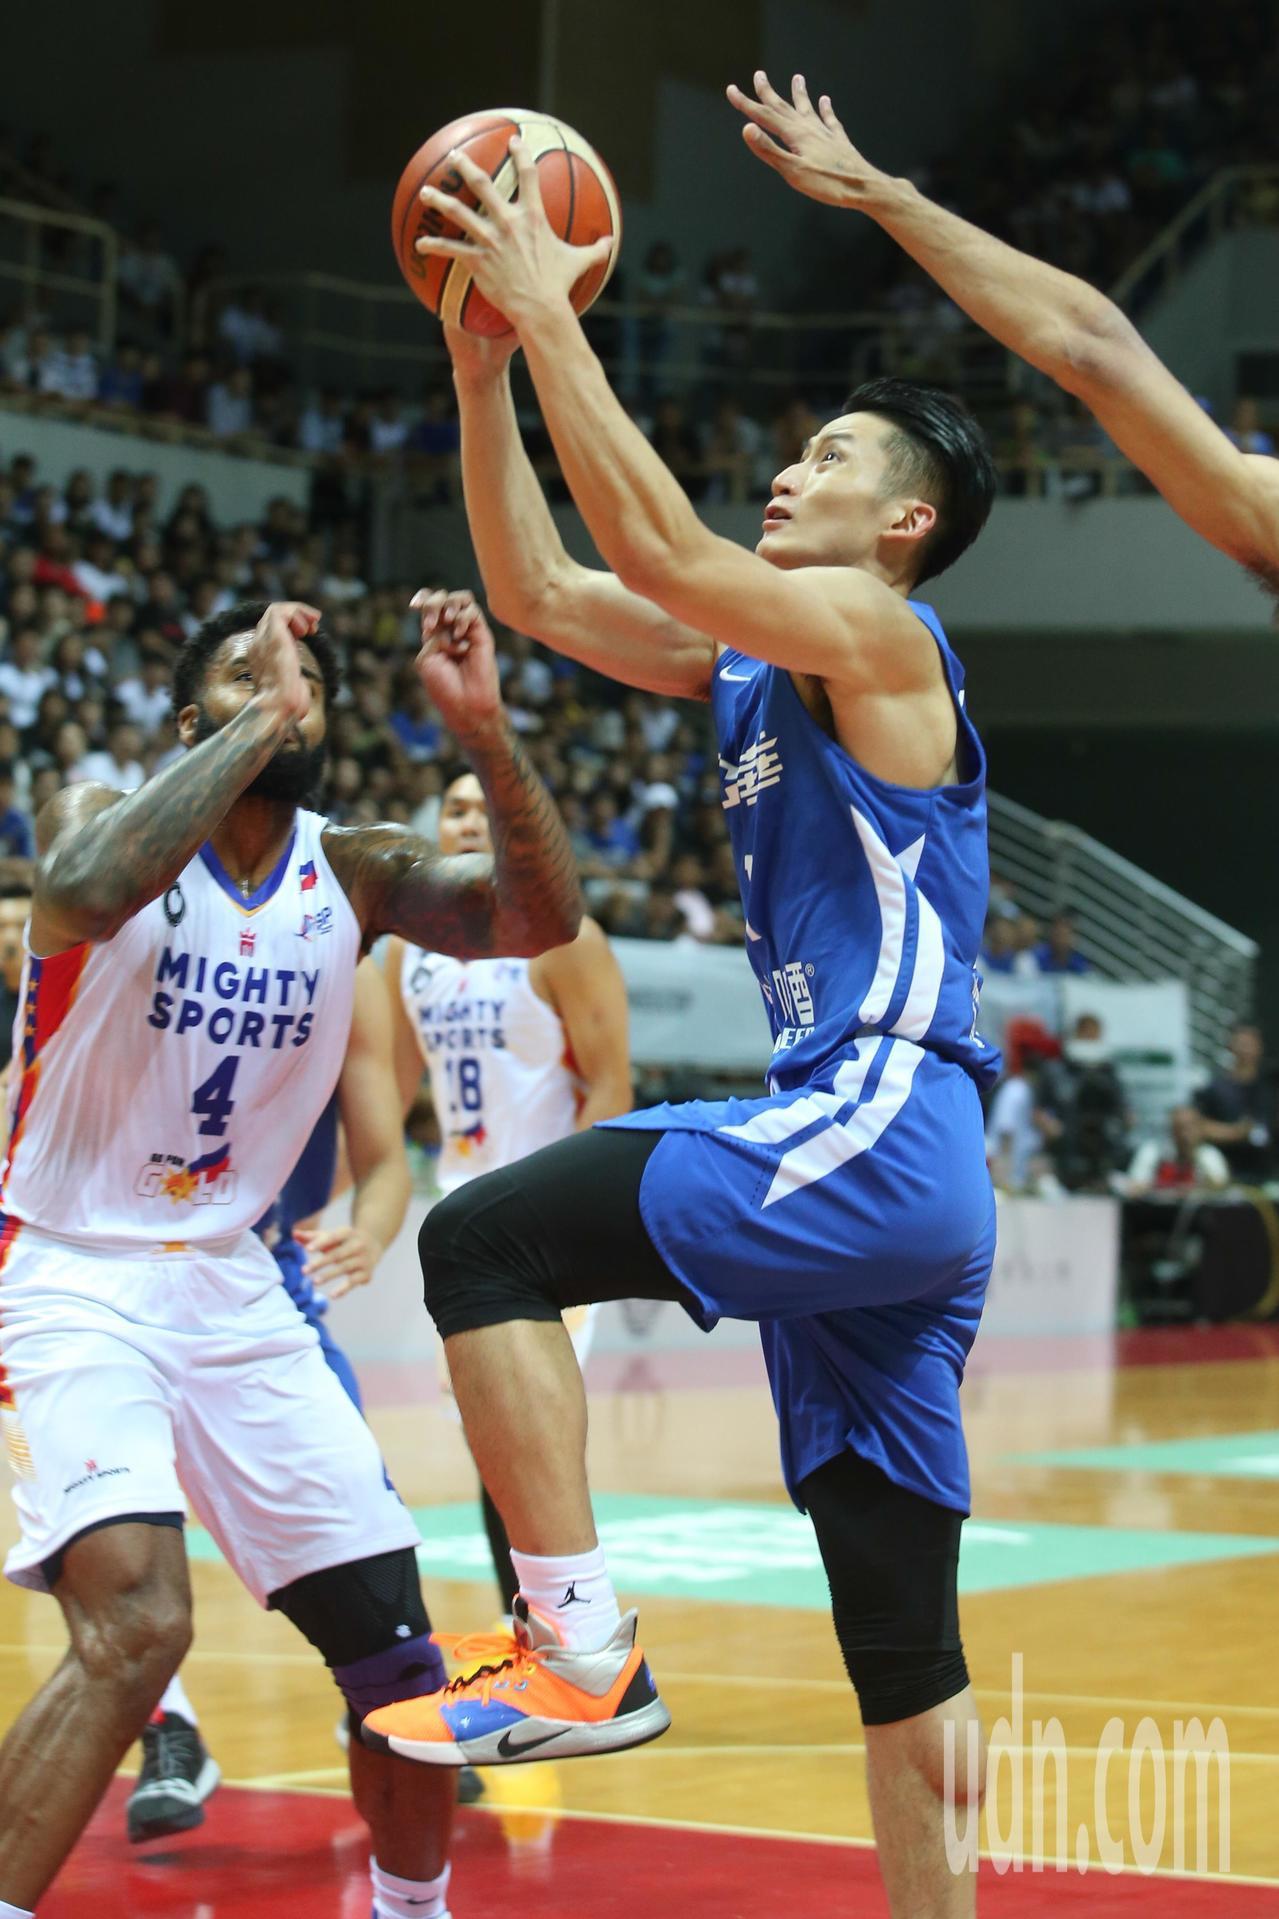 瓊斯盃賽事今天由中華白對上菲律賓,中華白吳永盛拿下全隊最高15分。記者葉信菉/攝...